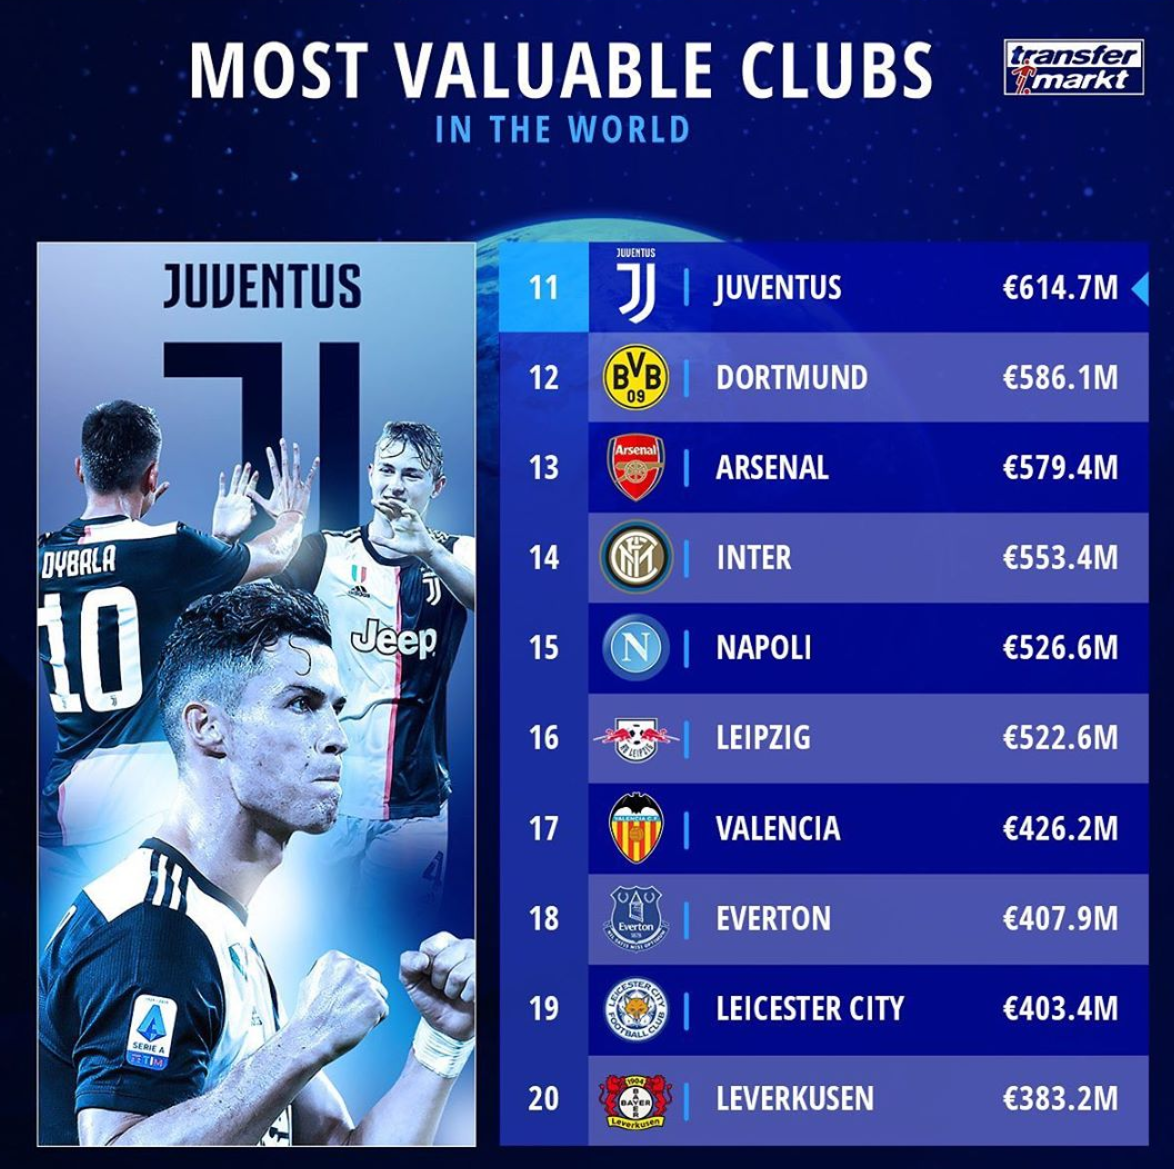 俱乐部身价排行榜:曼城唯一超10亿欧居首,尤文出前十